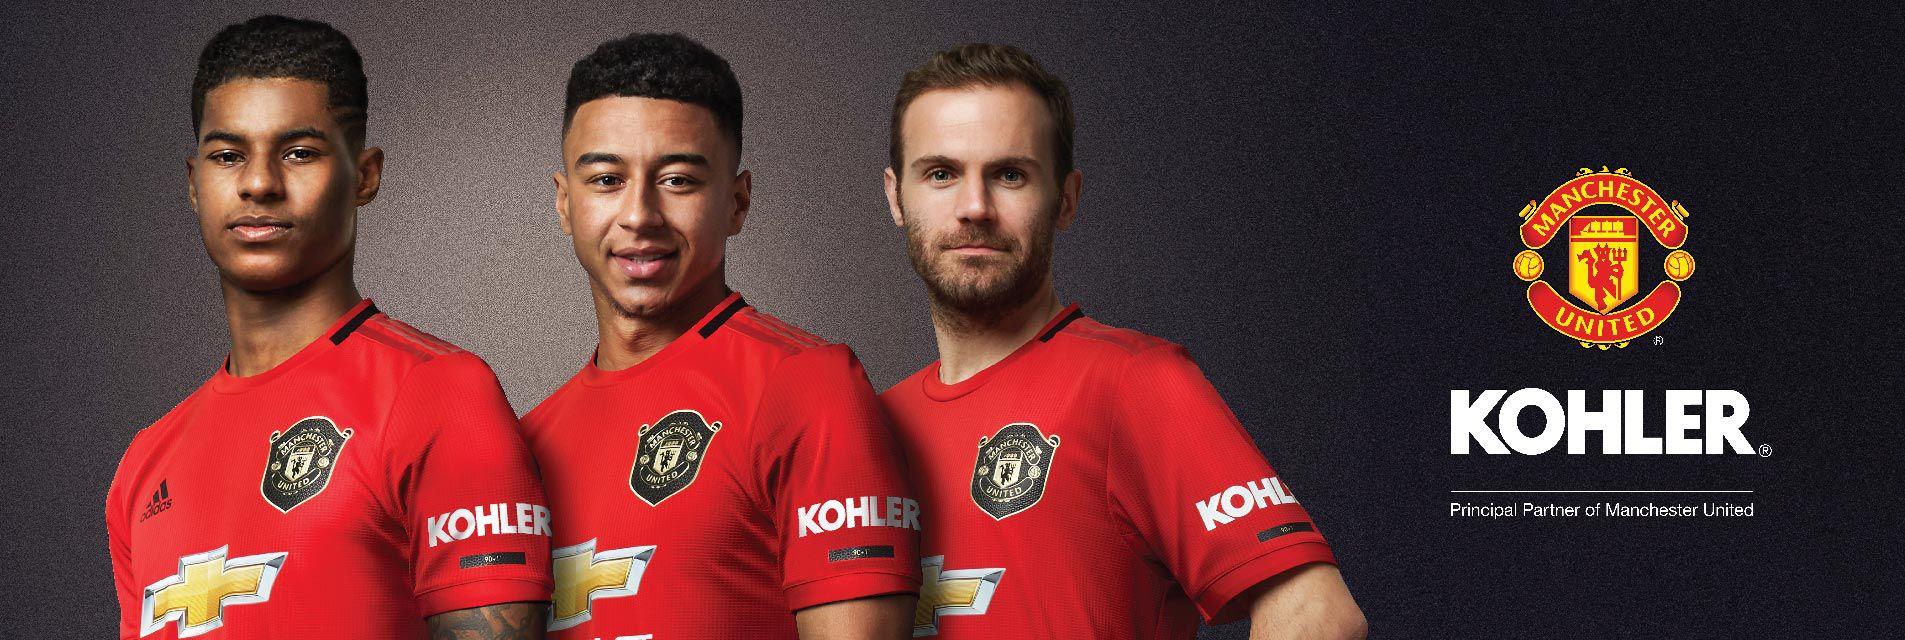 Kohler United